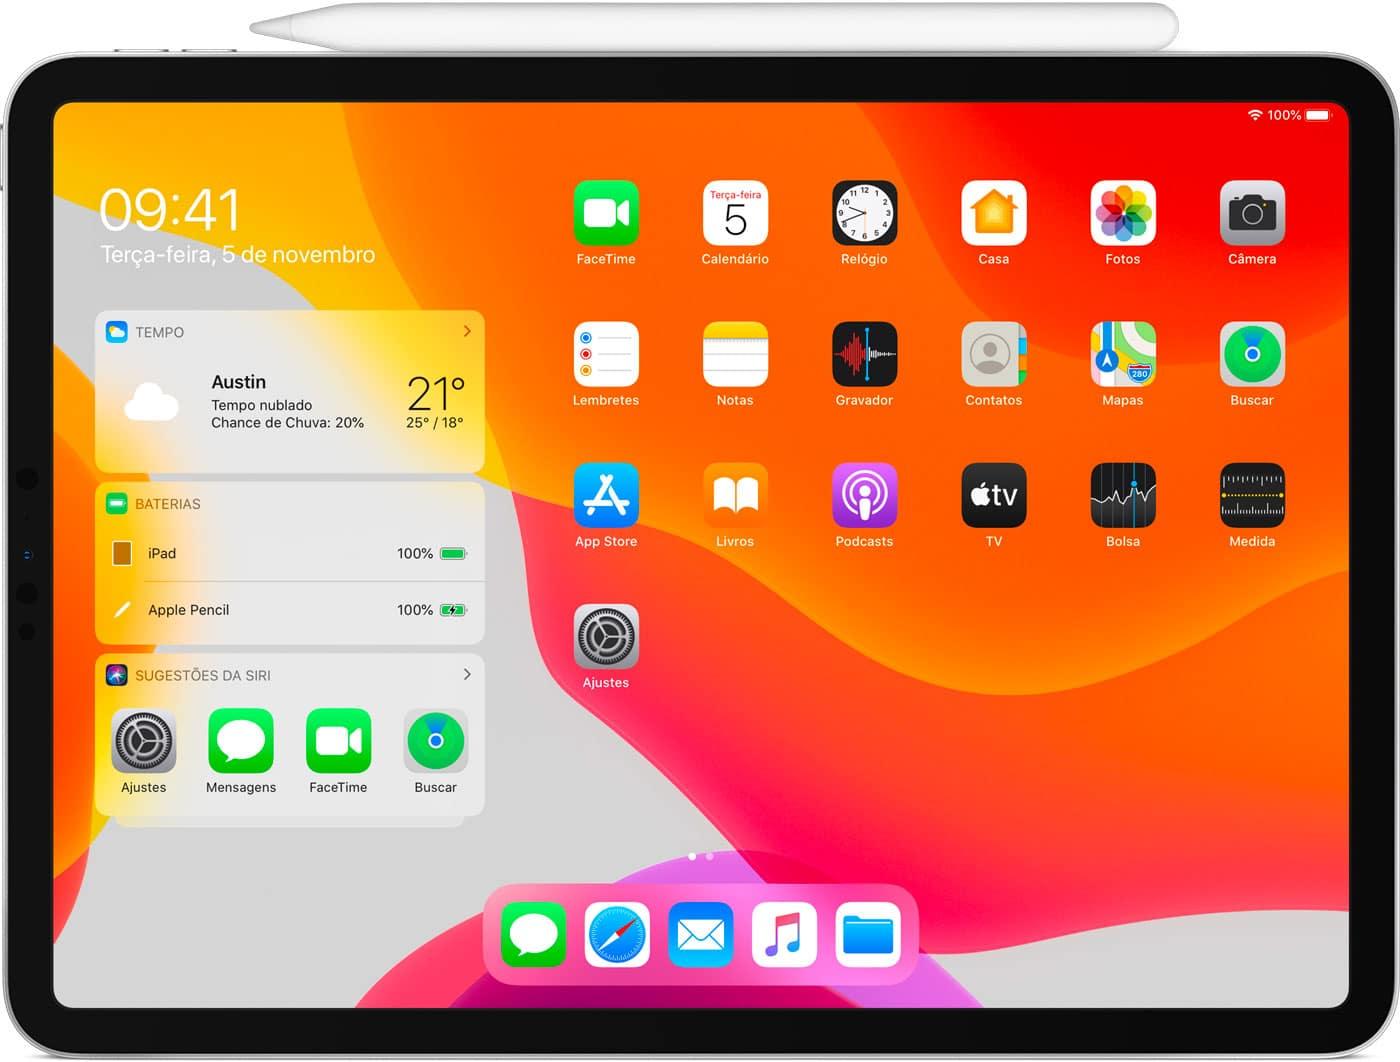 Ver la batería del Apple Pencil en el iPad